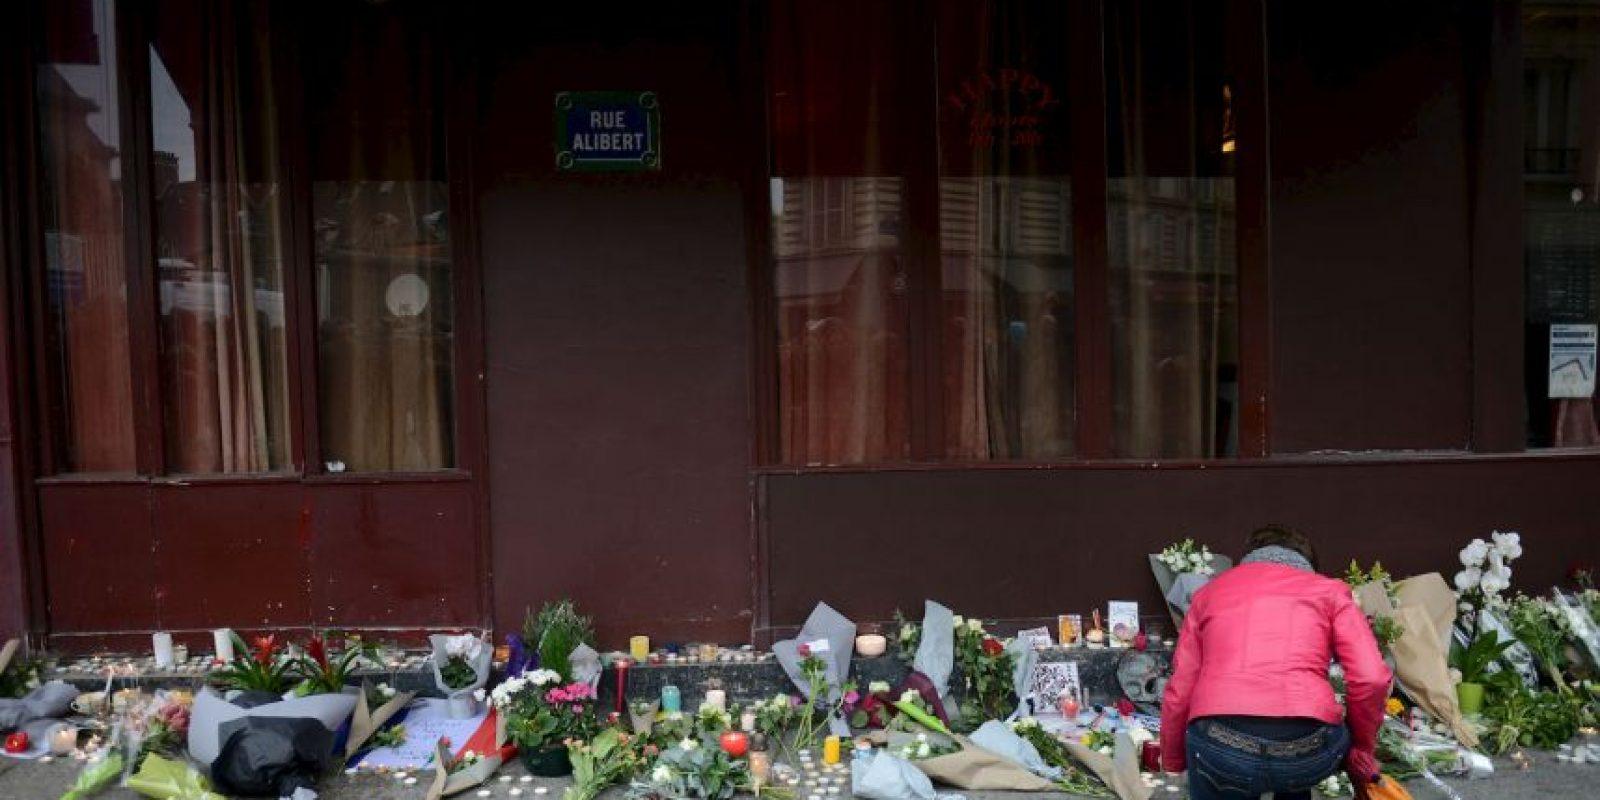 Le Carrillon, uno de los lugares atacados, se llenó de veladoras y flores. Foto:Getty Images